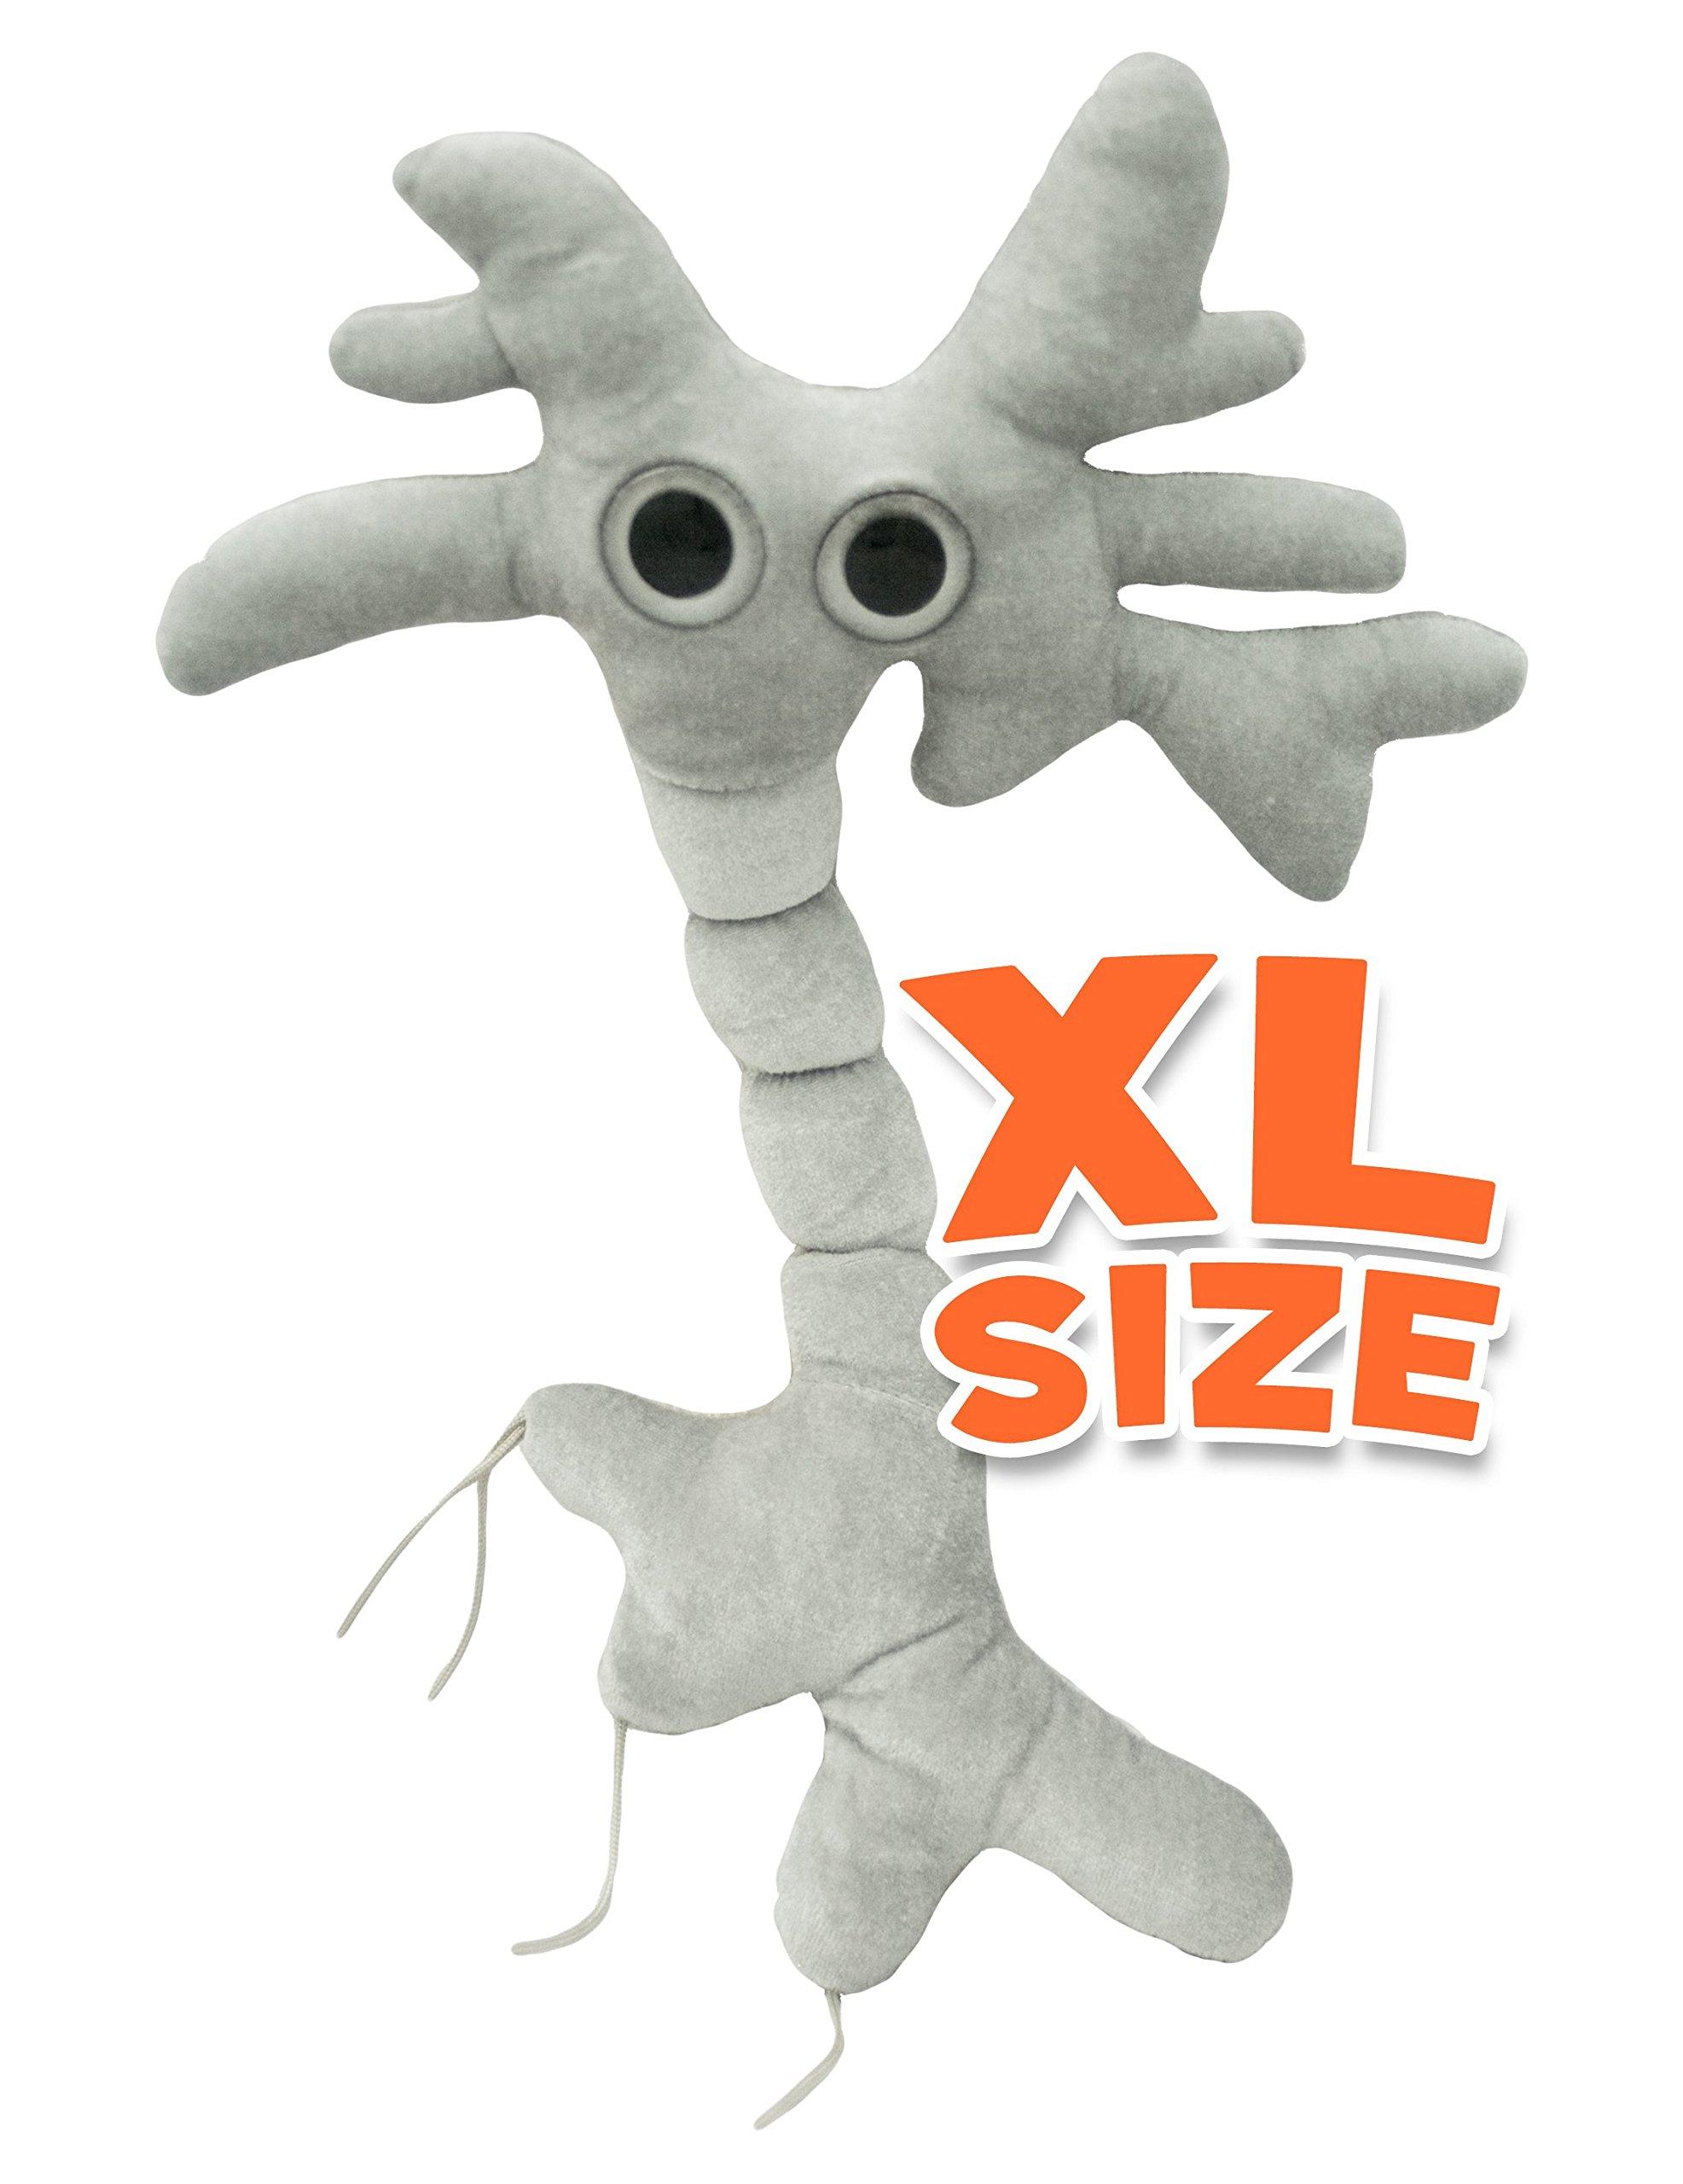 GIANTmicrobes - Brain Cell (Neuron) XL Size